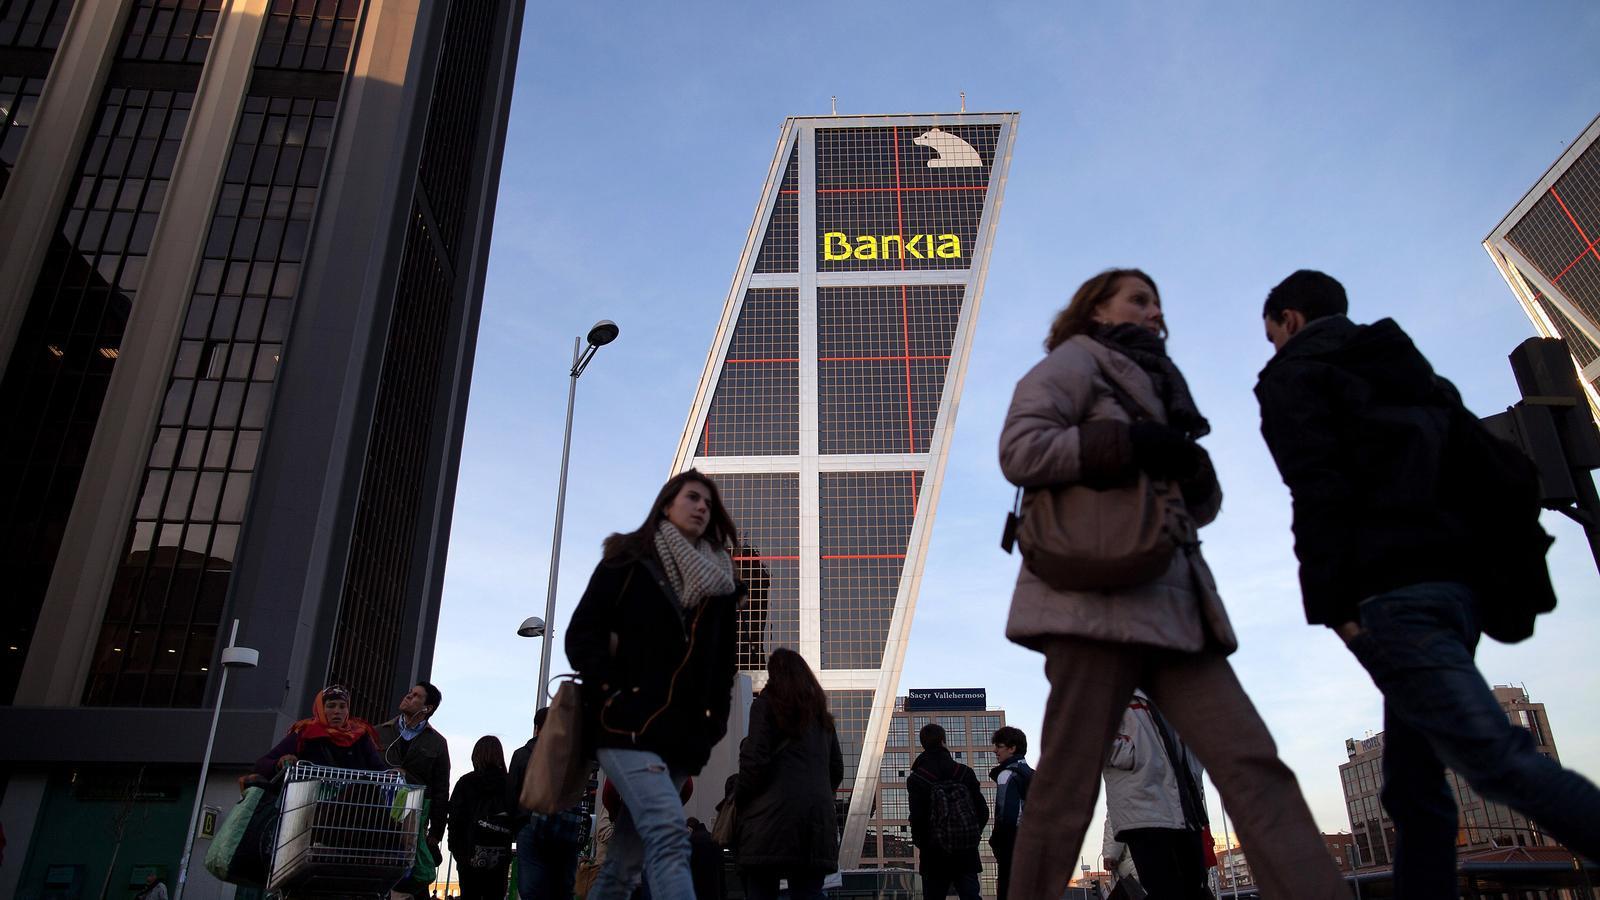 La seu de Bankia a Madrid, en una imatge d'arxiu.